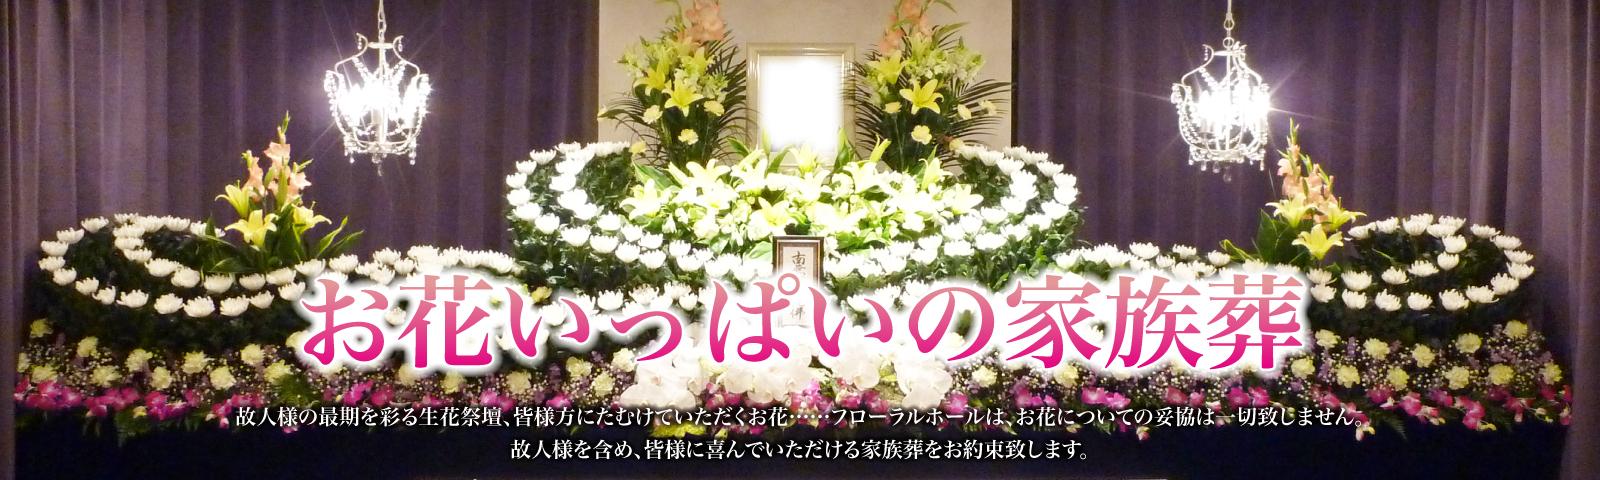 お花いっぱいの家族葬